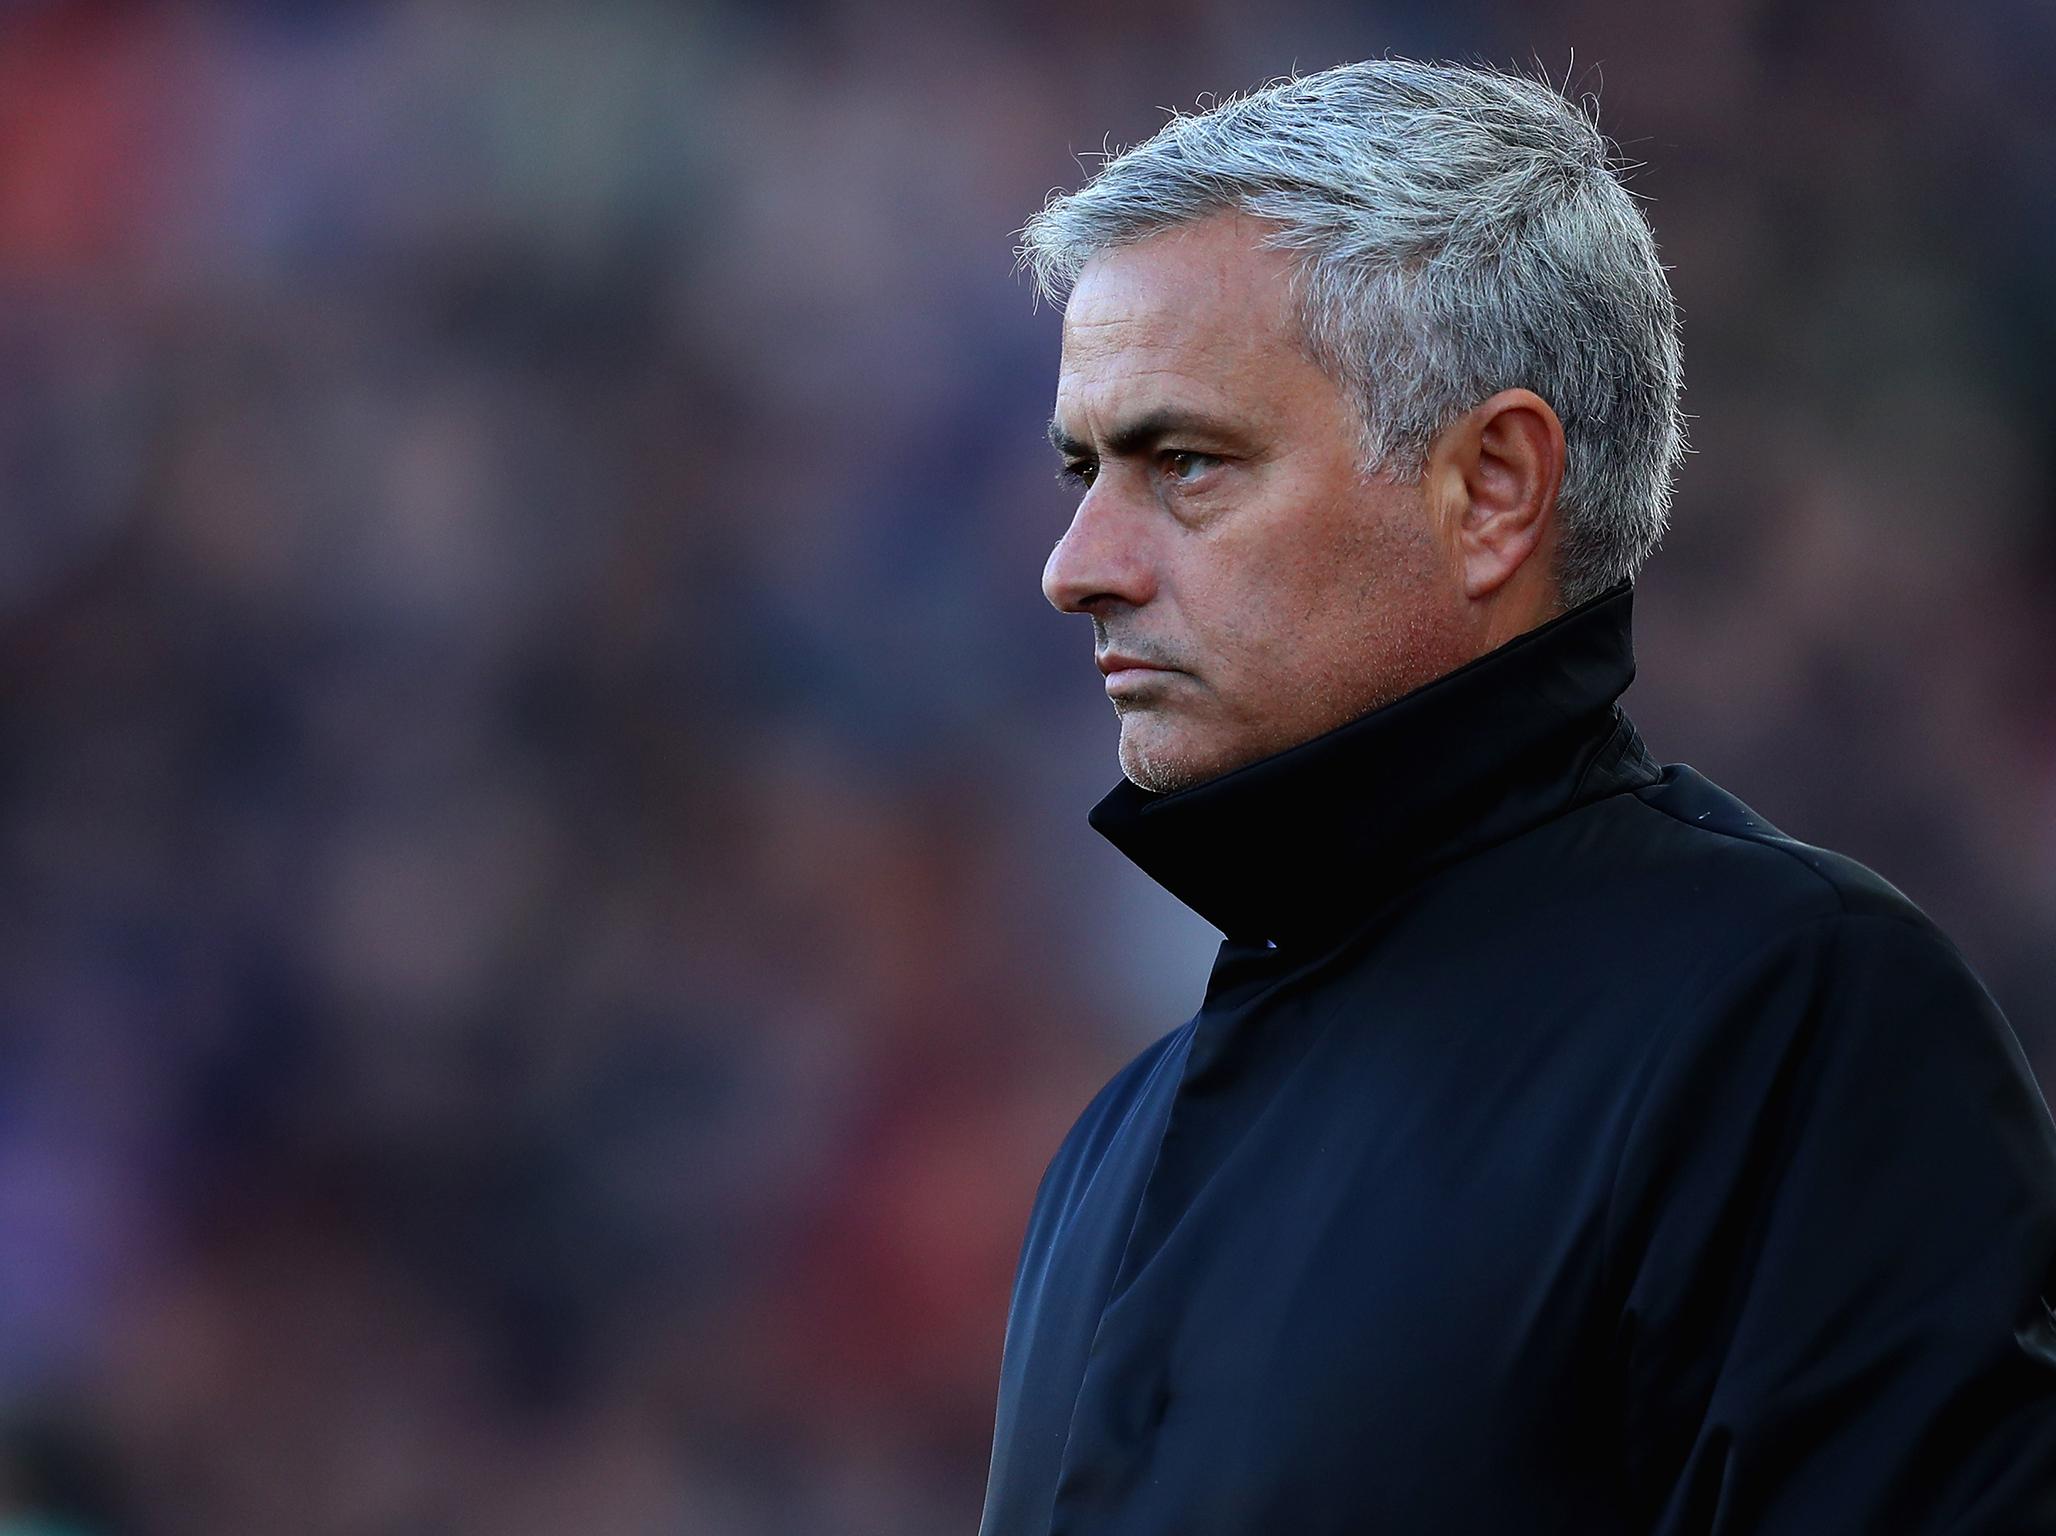 Mourinho show: «Il Manchester United ha vinto con me, e non succedeva dal 2013»